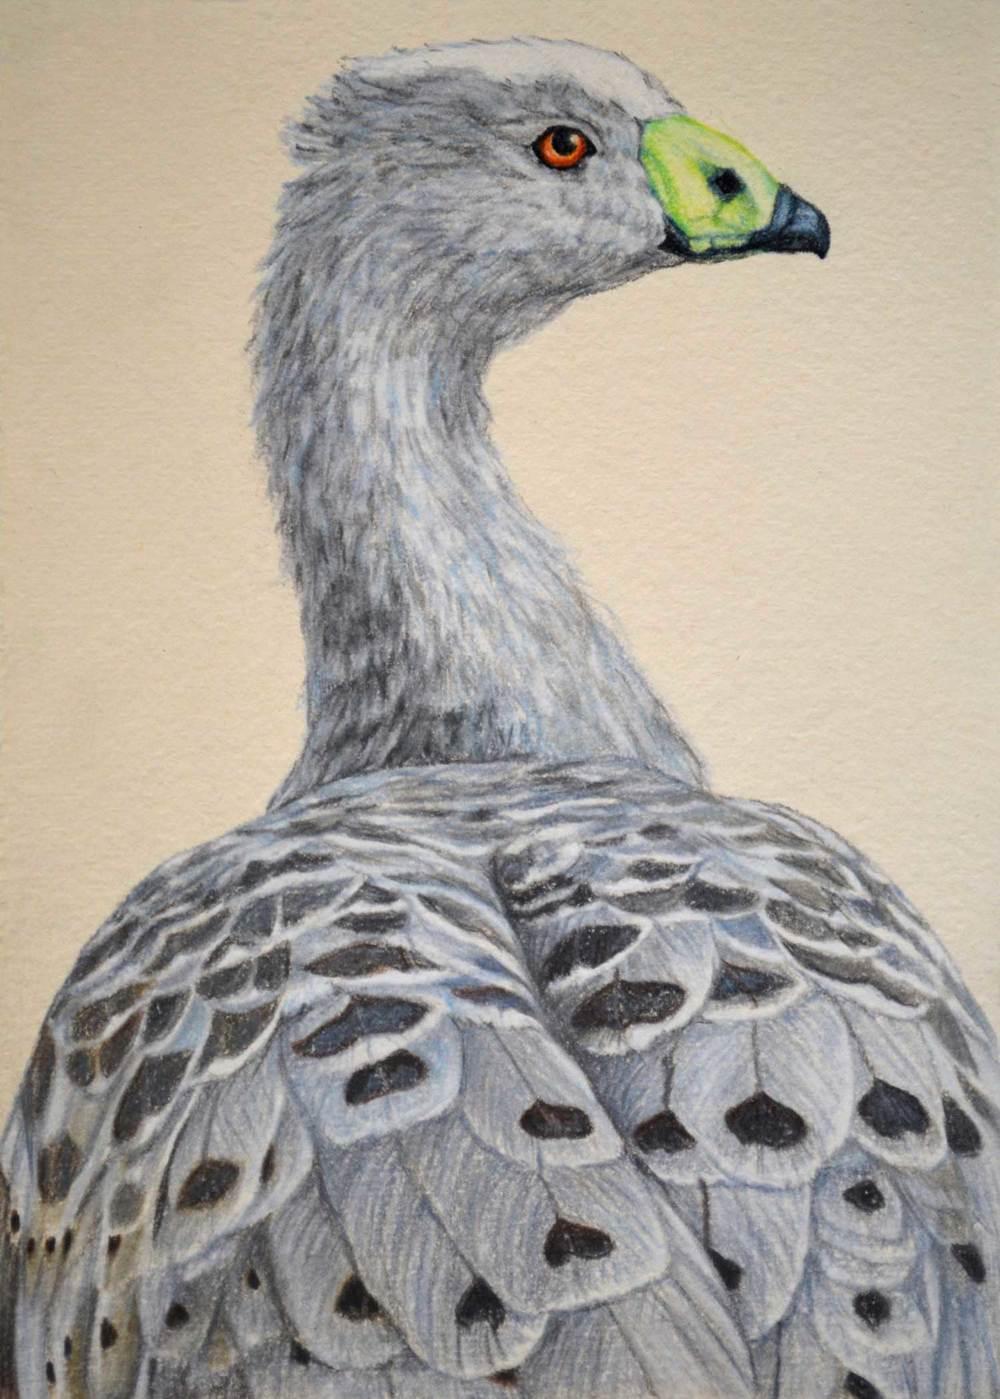 Cape Barren Goose II  30 x 21 cm  Pastel on handmade paper  SOLD